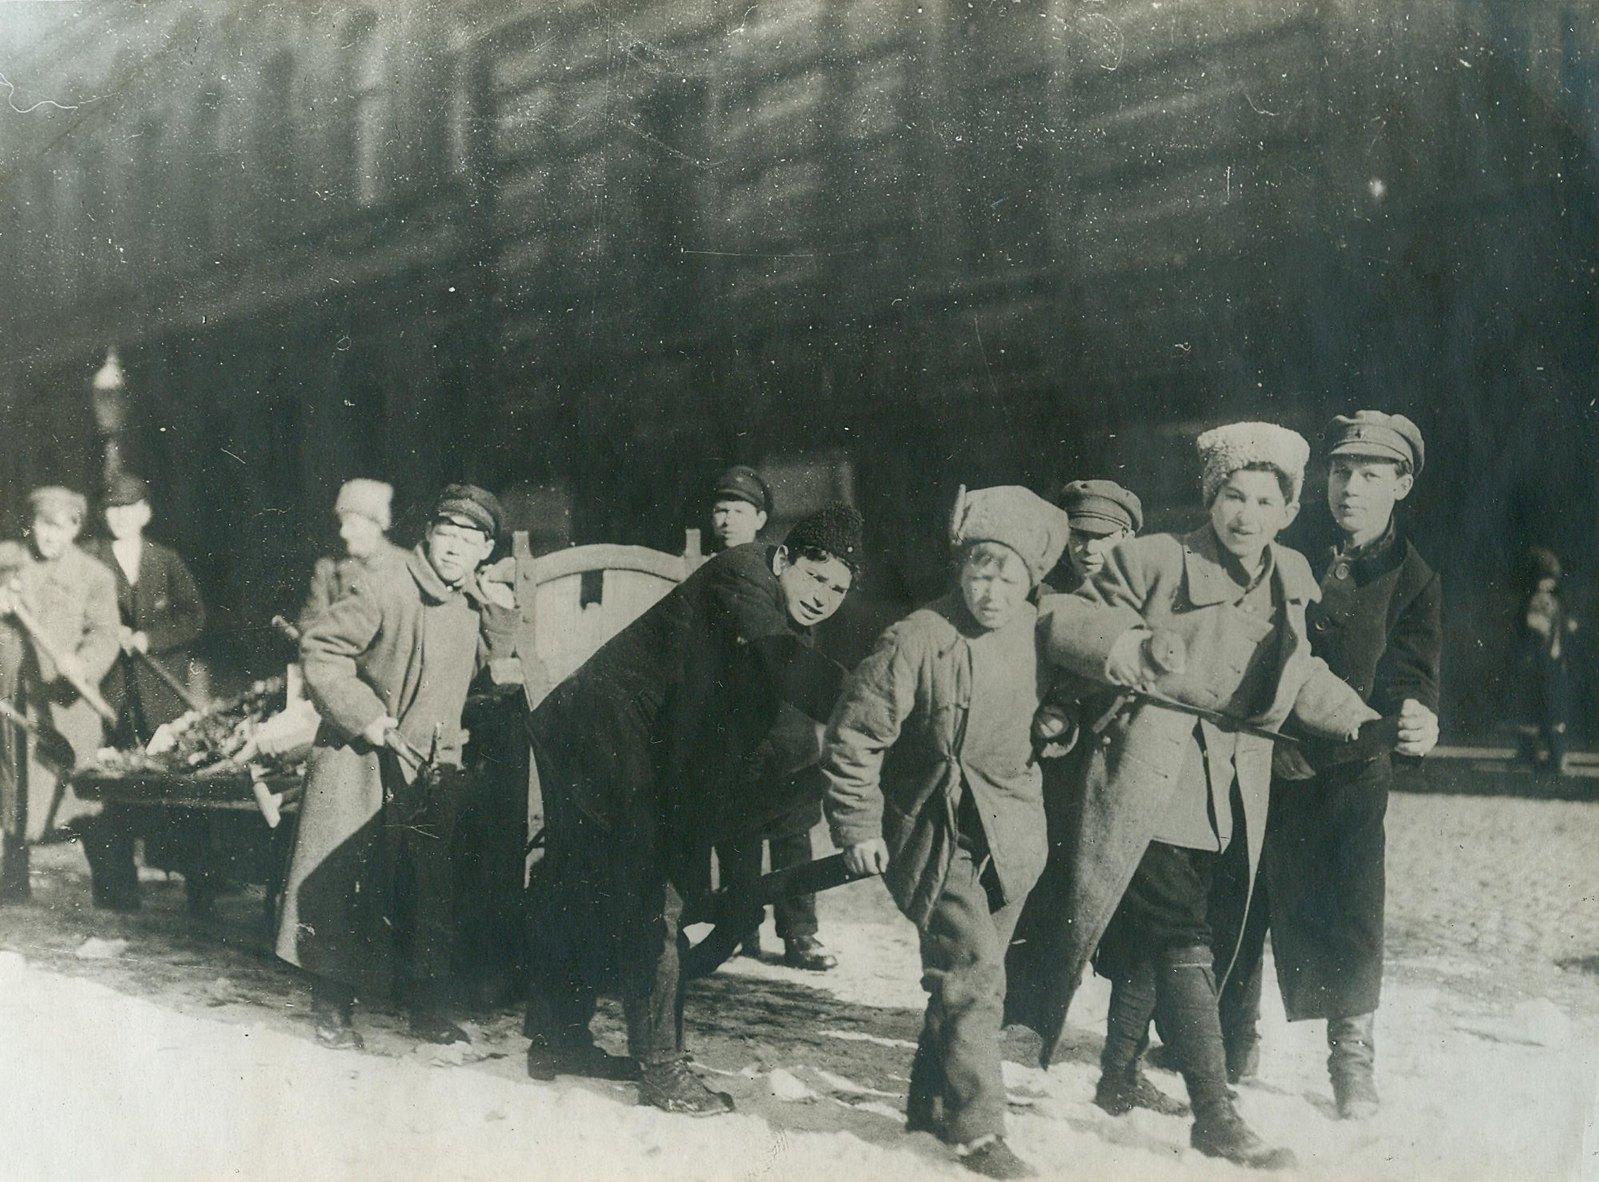 1920. Субботник членов Коммунистического Союза молодежи по борьбе с загрязненностью Петрограда